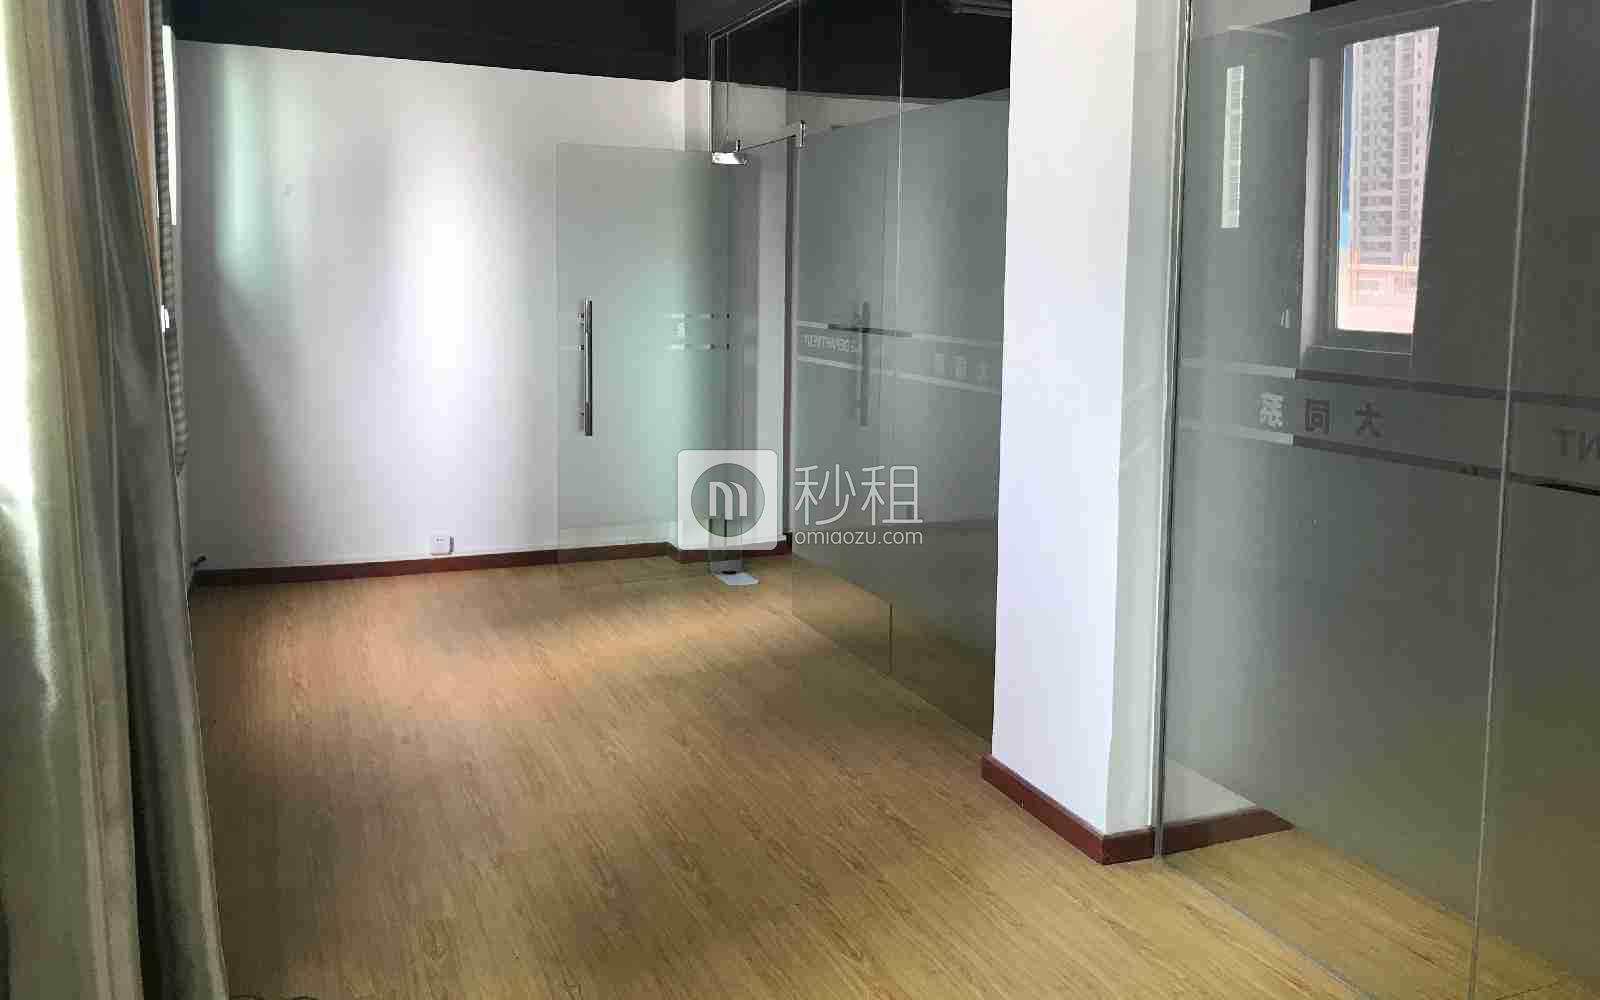 广兴源互联网创意园写字楼出租99.4平米简装办公室65元/m².月